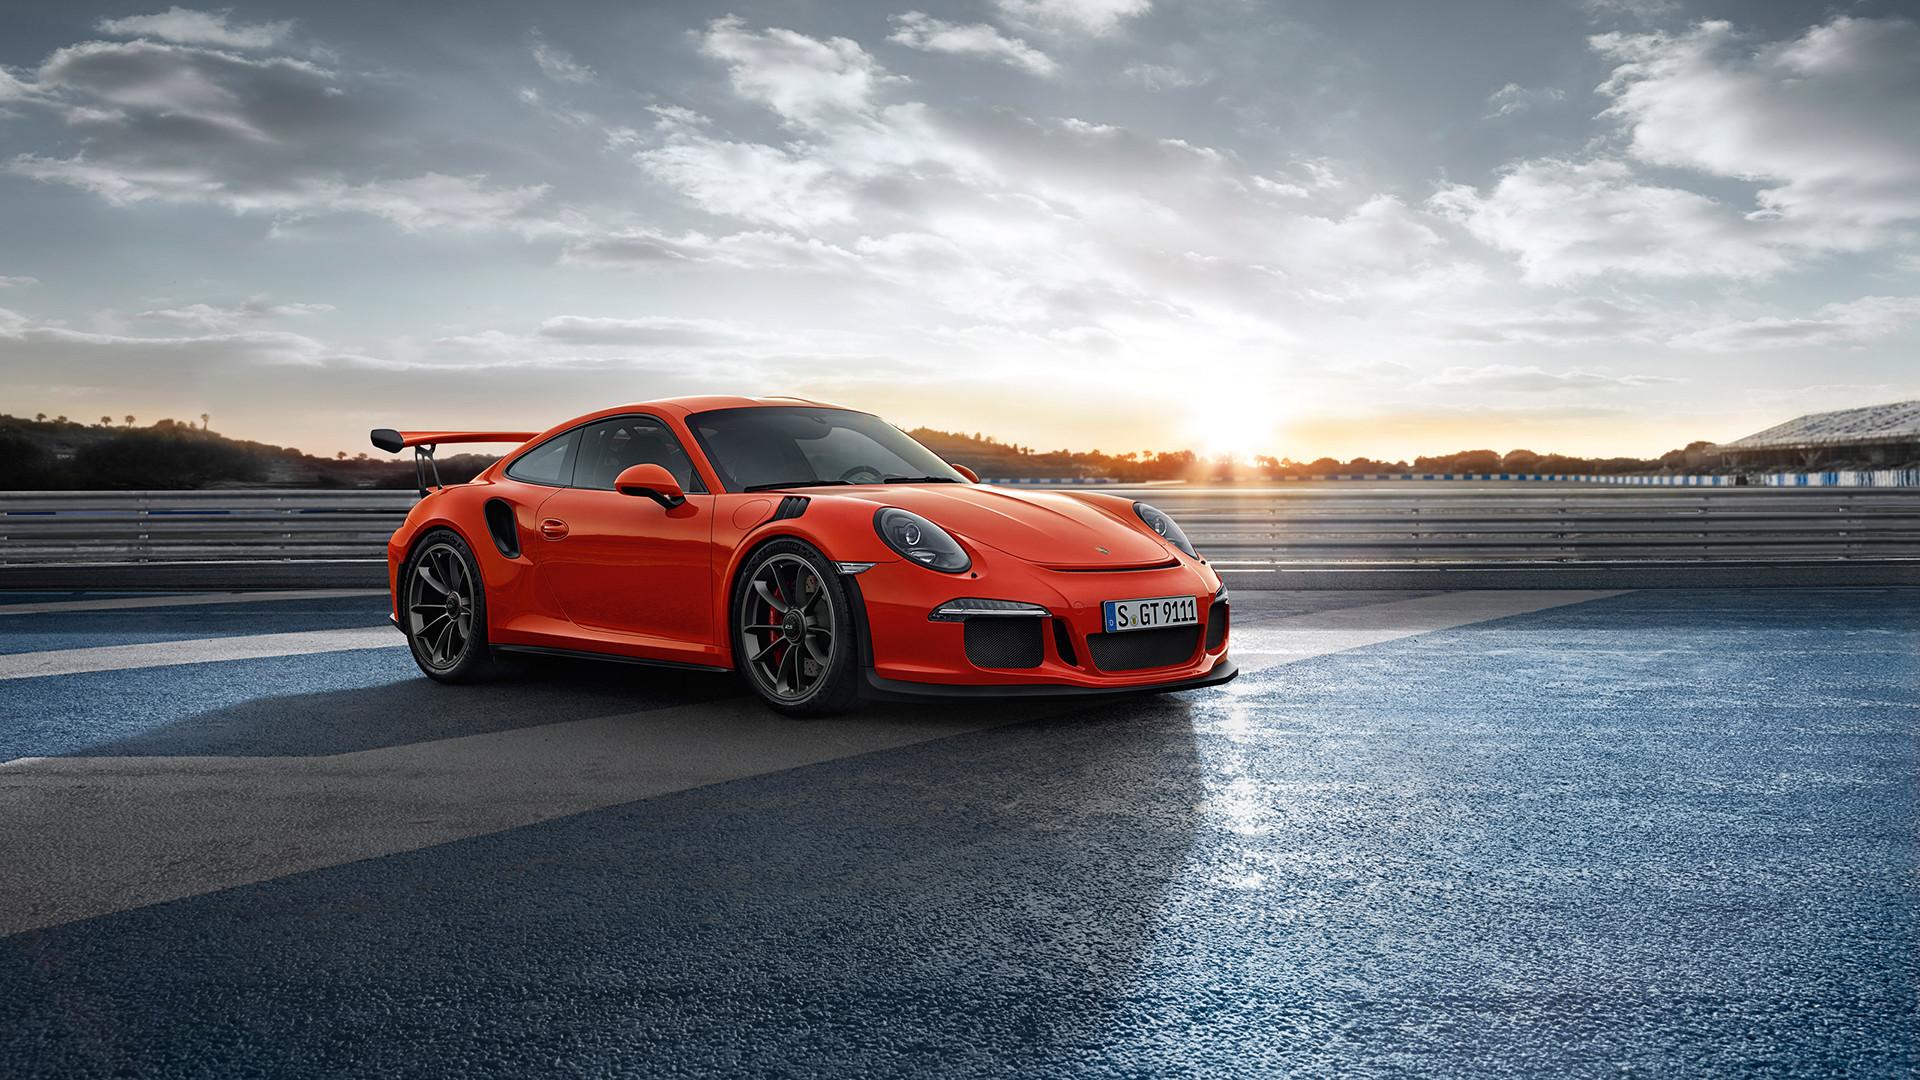 Porsche 911 Gt3 Rs Lu Porsche 911 Gt3 Rs 356440 Hd Wallpaper Backgrounds Download